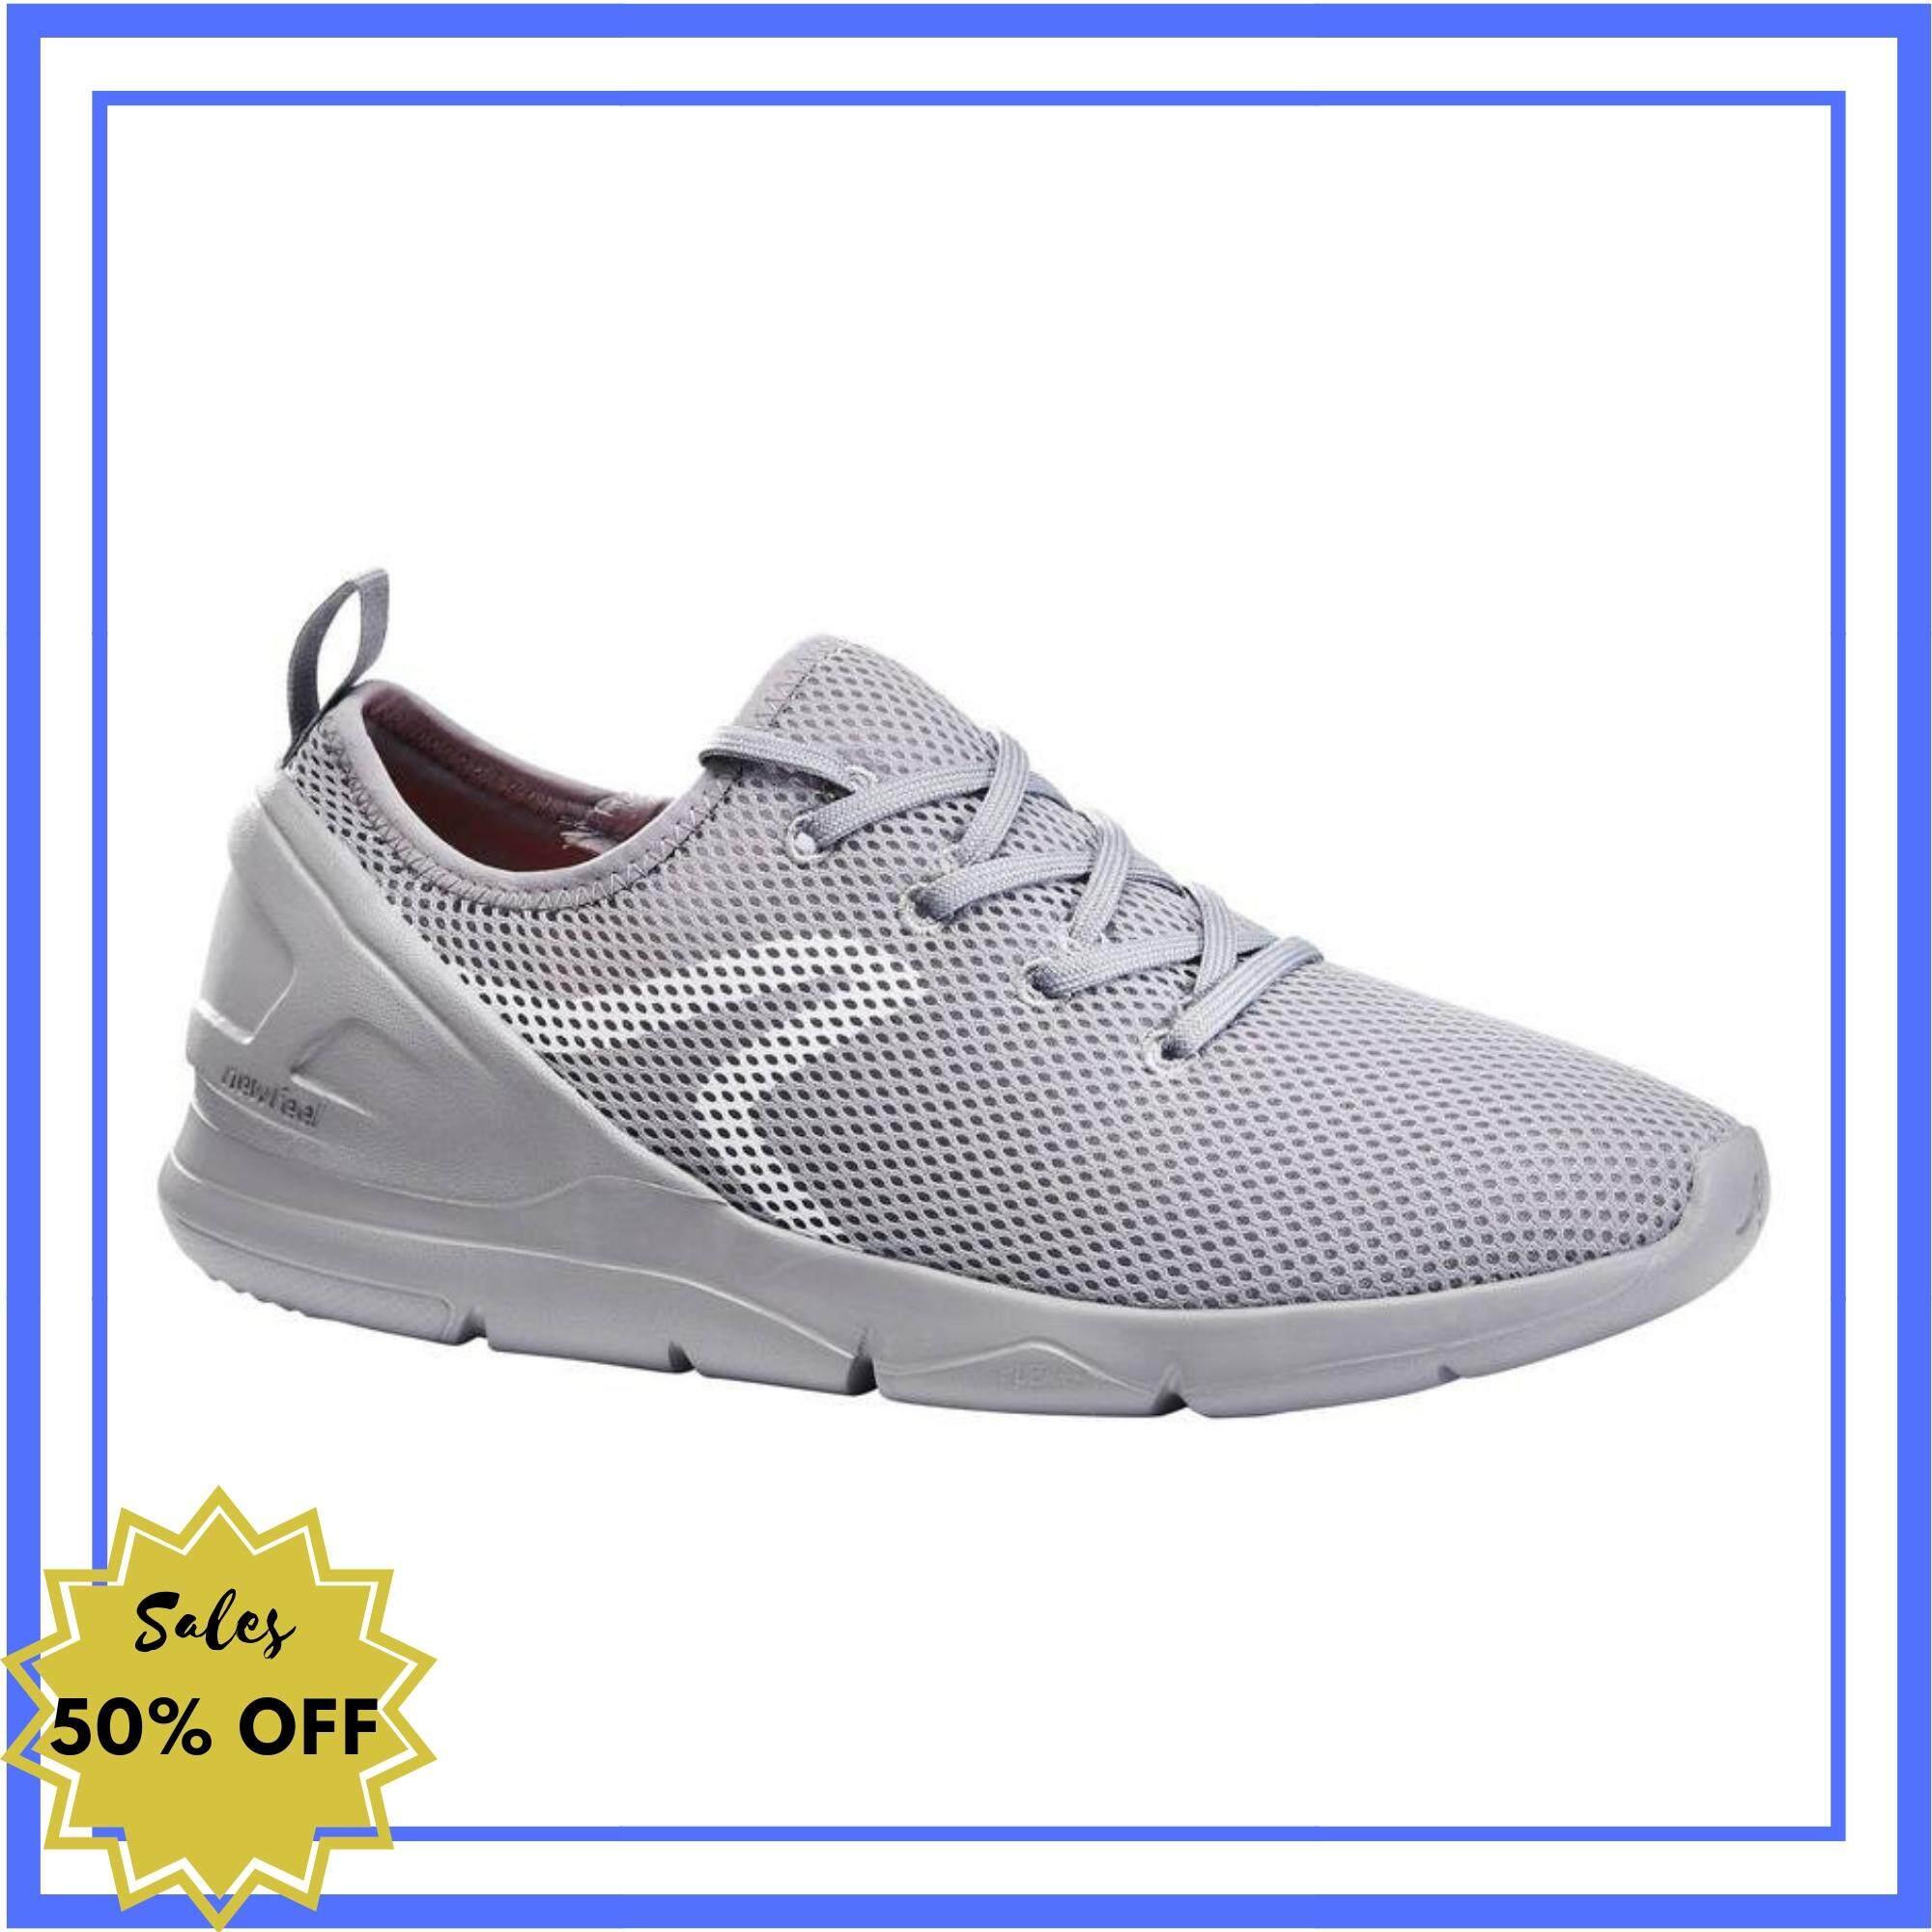 ส่งฟรี ส่งด่วน รองเท้าใส่เดินเพื่อสุขภาพสำหรับผู้หญิงรุ่น Pw 100 (สีเทา) สินค้ารับประกัน 2 ปี By Sportswear1.